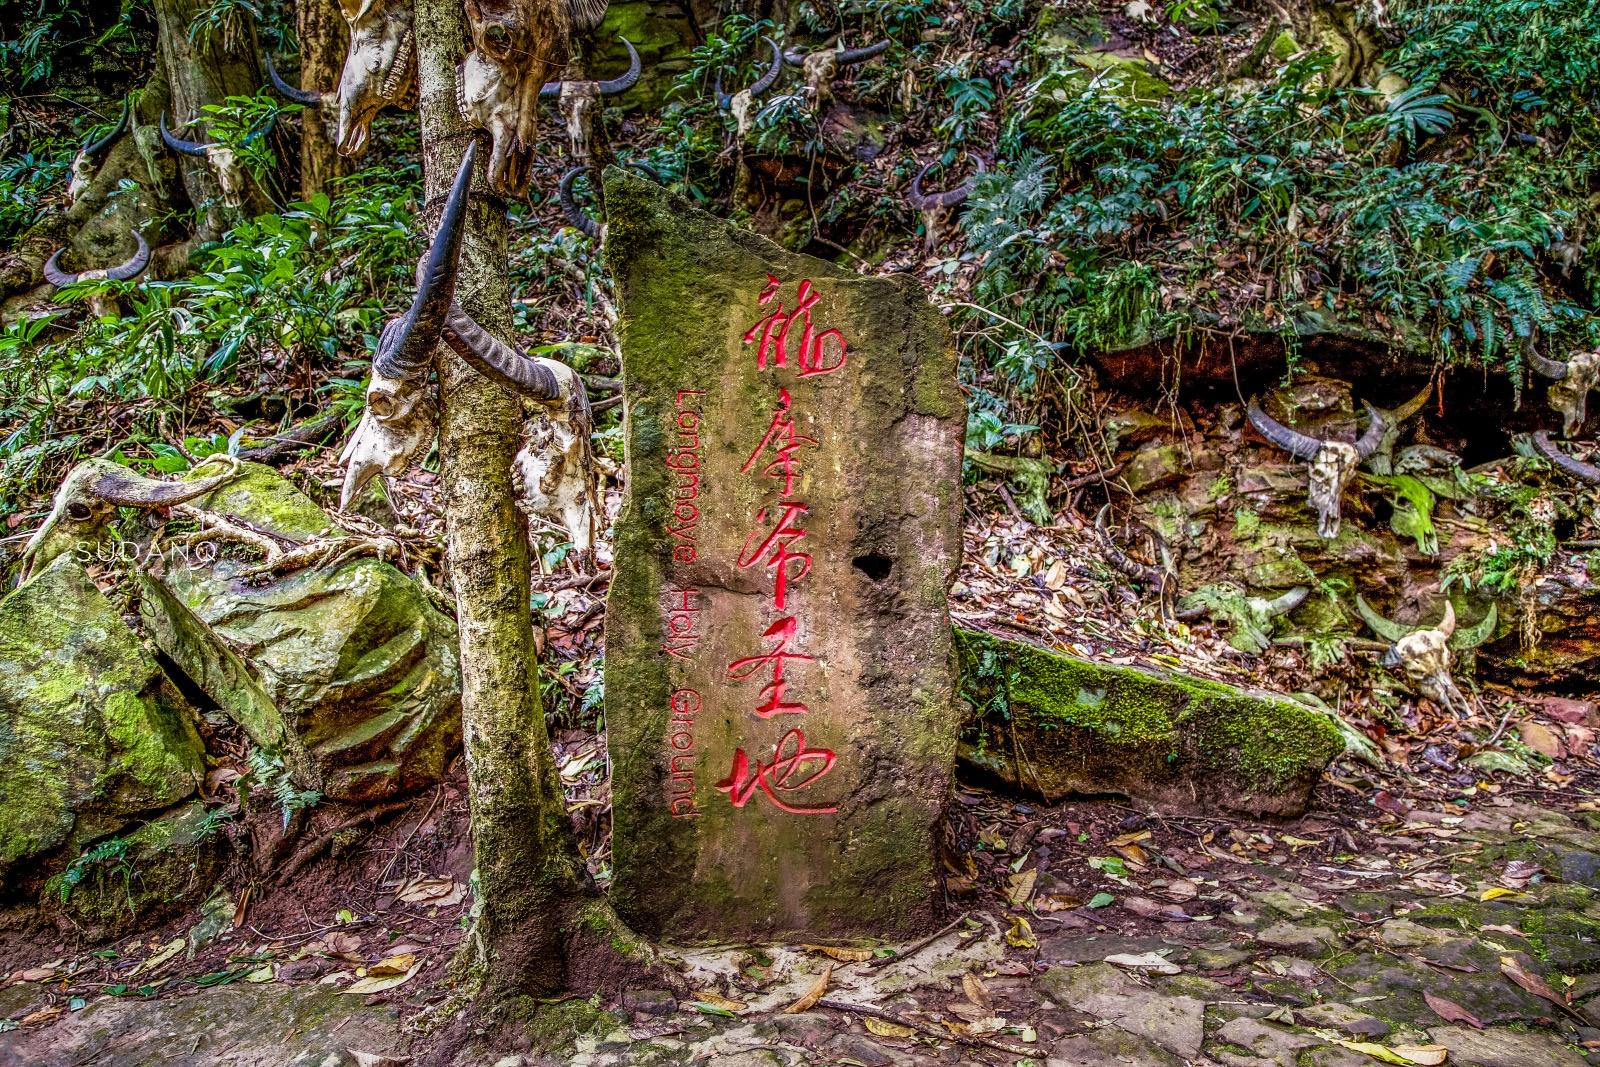 """云南""""最神秘""""的景点:龙摩爷圣地,牛头祭祀和""""猎人头祭谷"""""""